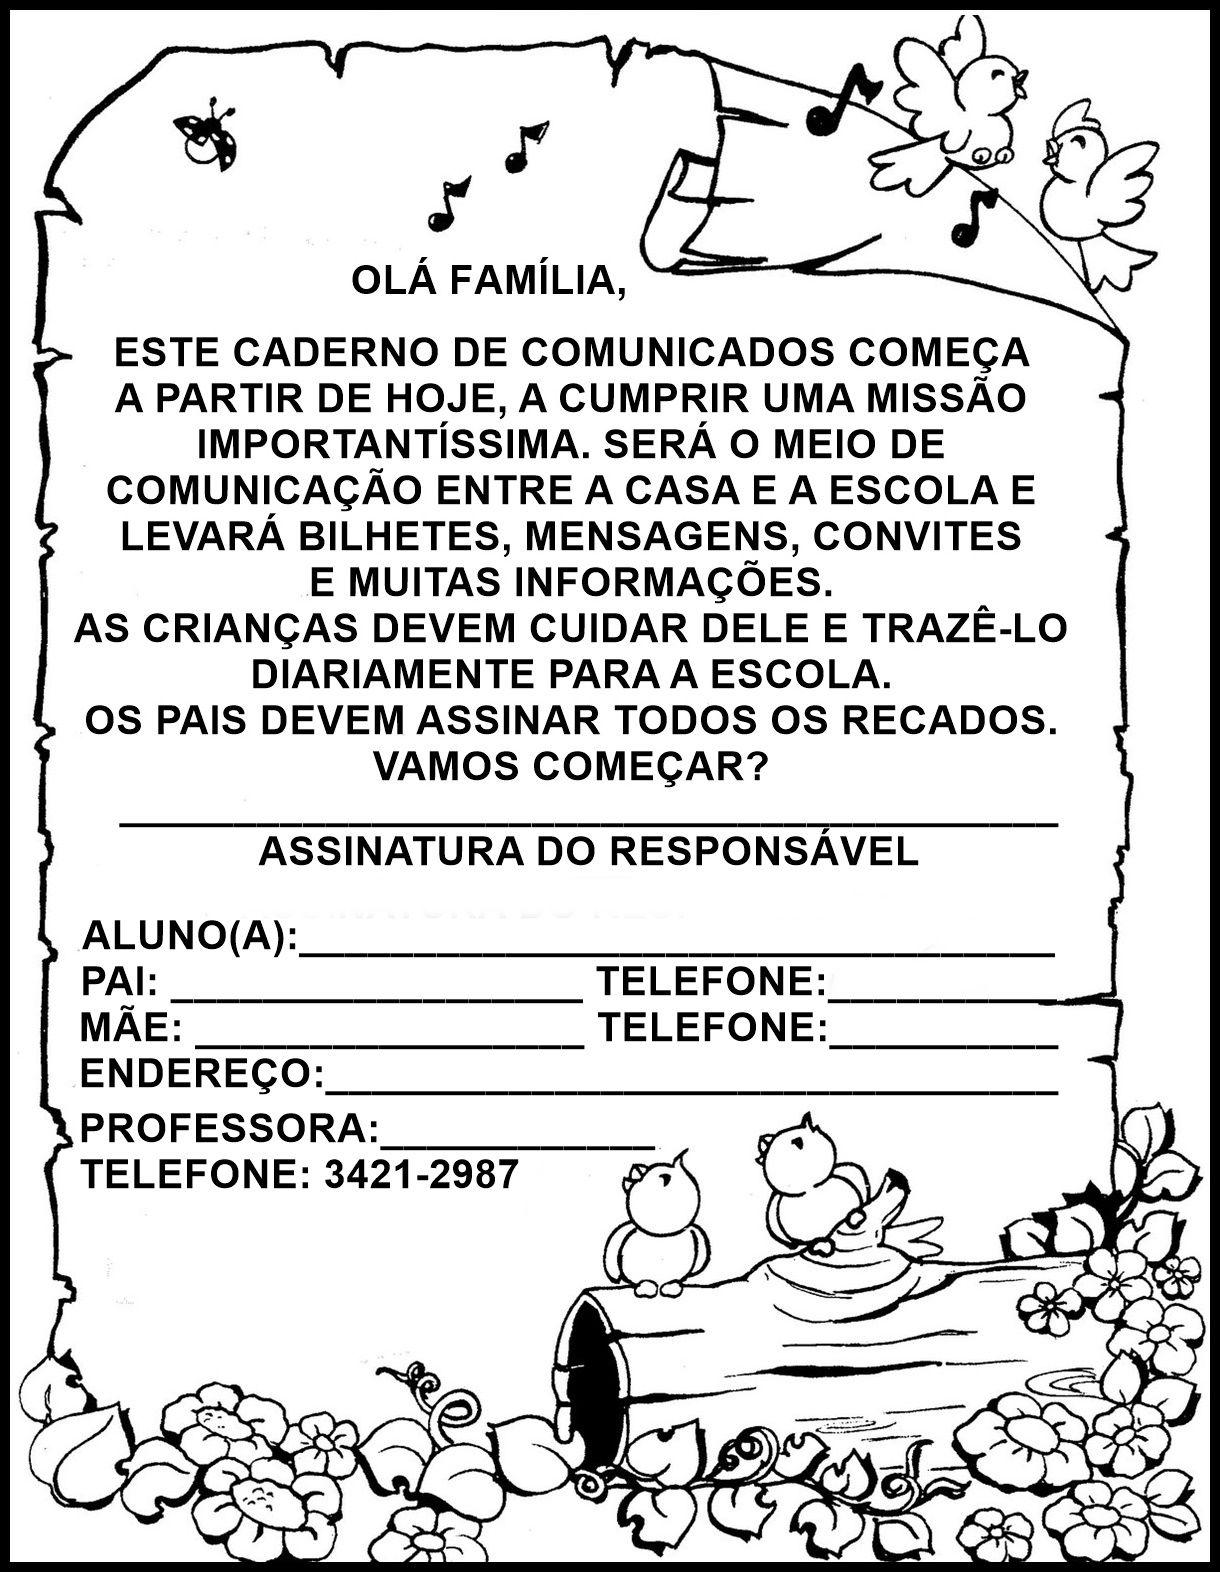 Pin De Fabiana Bisinoto Em Atividades Pedagogicas Education